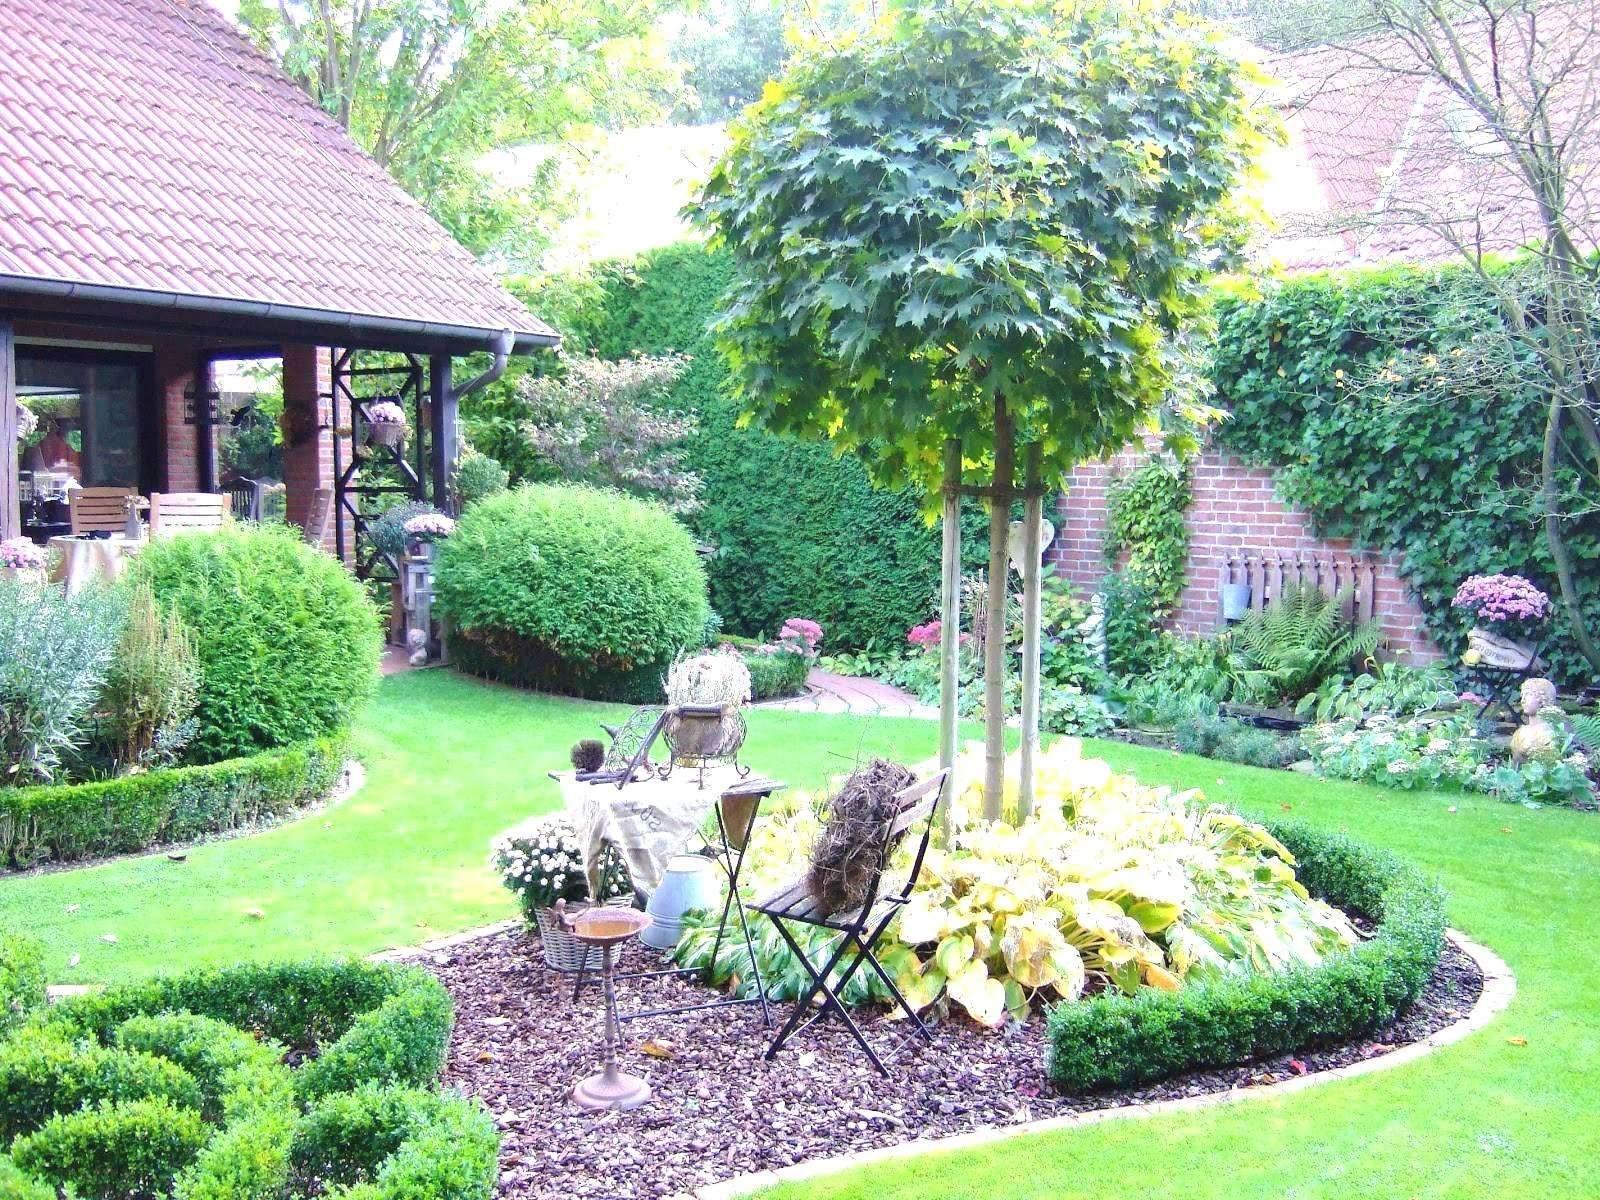 Kleinen Garten Gestalten Das Beste Von Garten Ideas Garten Anlegen Inspirational Aussenleuchten